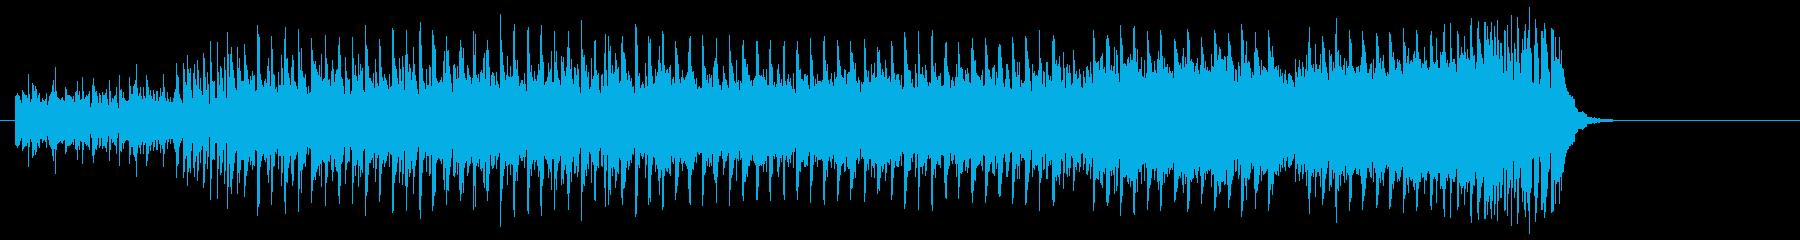 打撃系サウンドマイナーエレクトロポップスの再生済みの波形